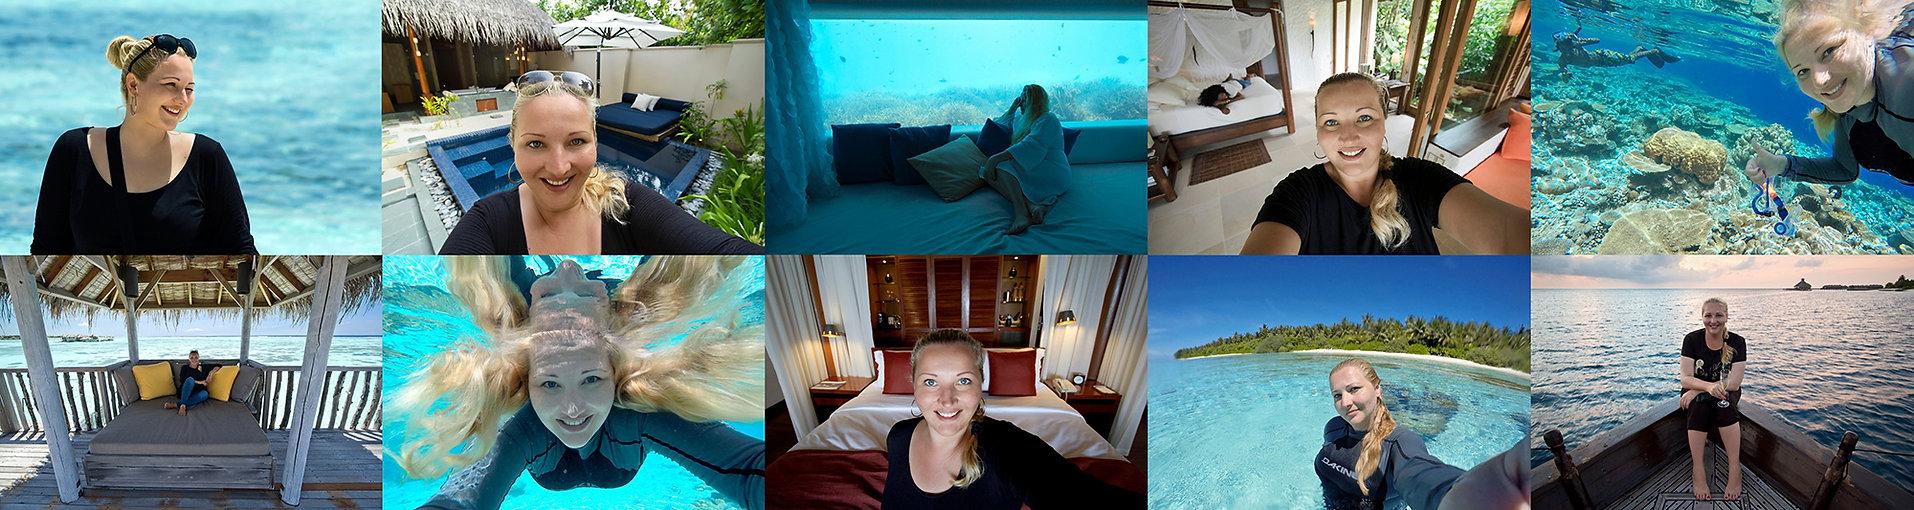 Lucie Mohelníková na Maledivách